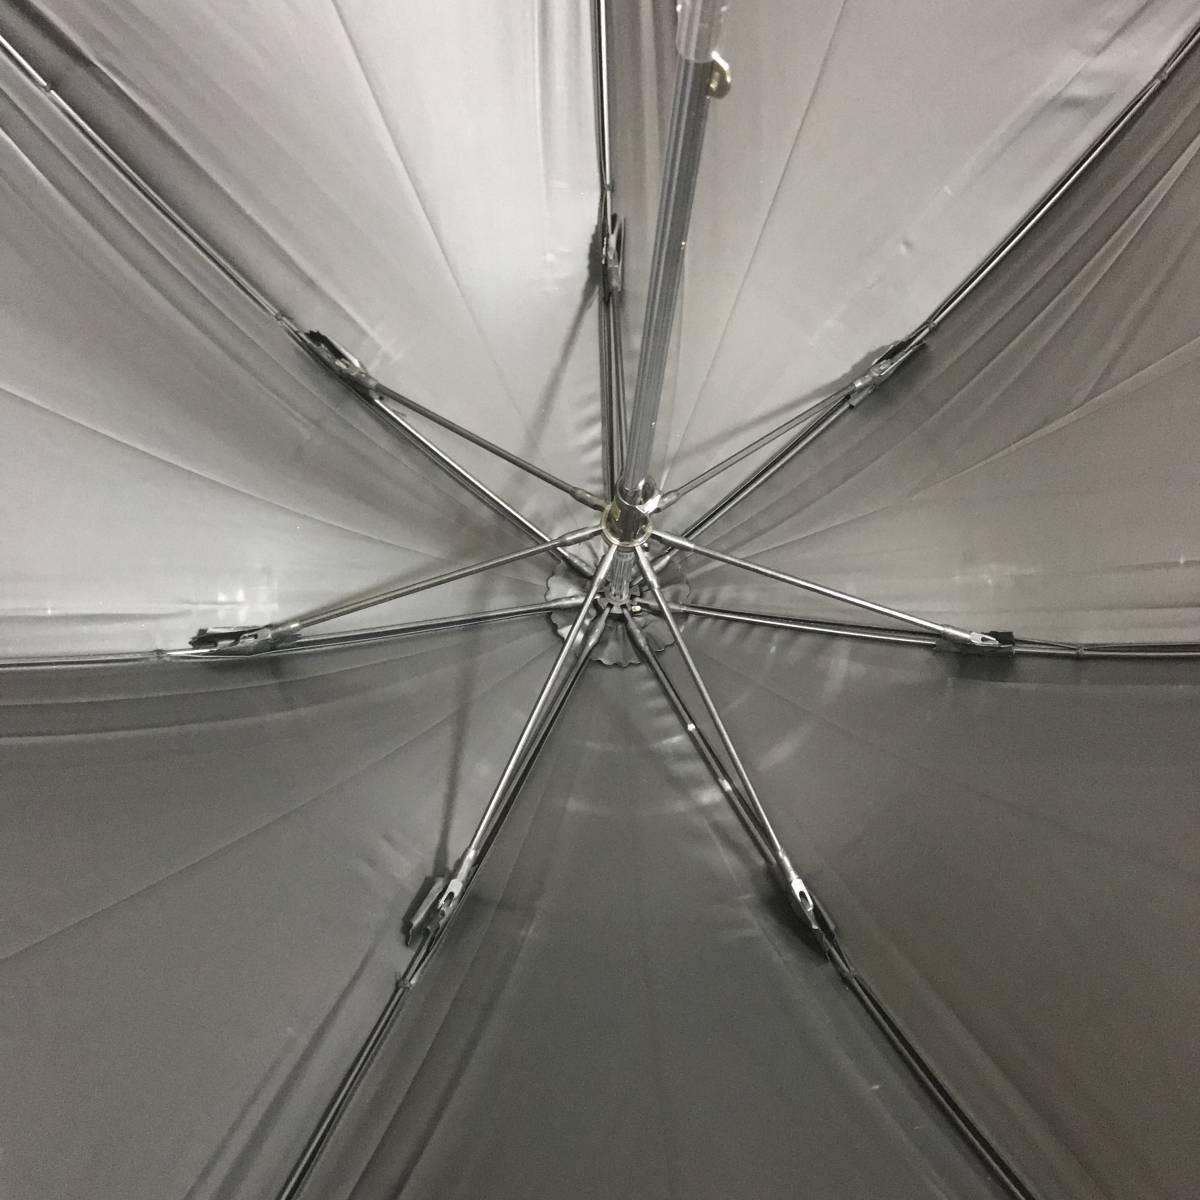 い090761 中古 YVES SAINT LAURENT イヴサンローラン AURORA オーロラ 晴雨兼用 雨傘 日傘 長傘 サマーシールド 女性用_画像8